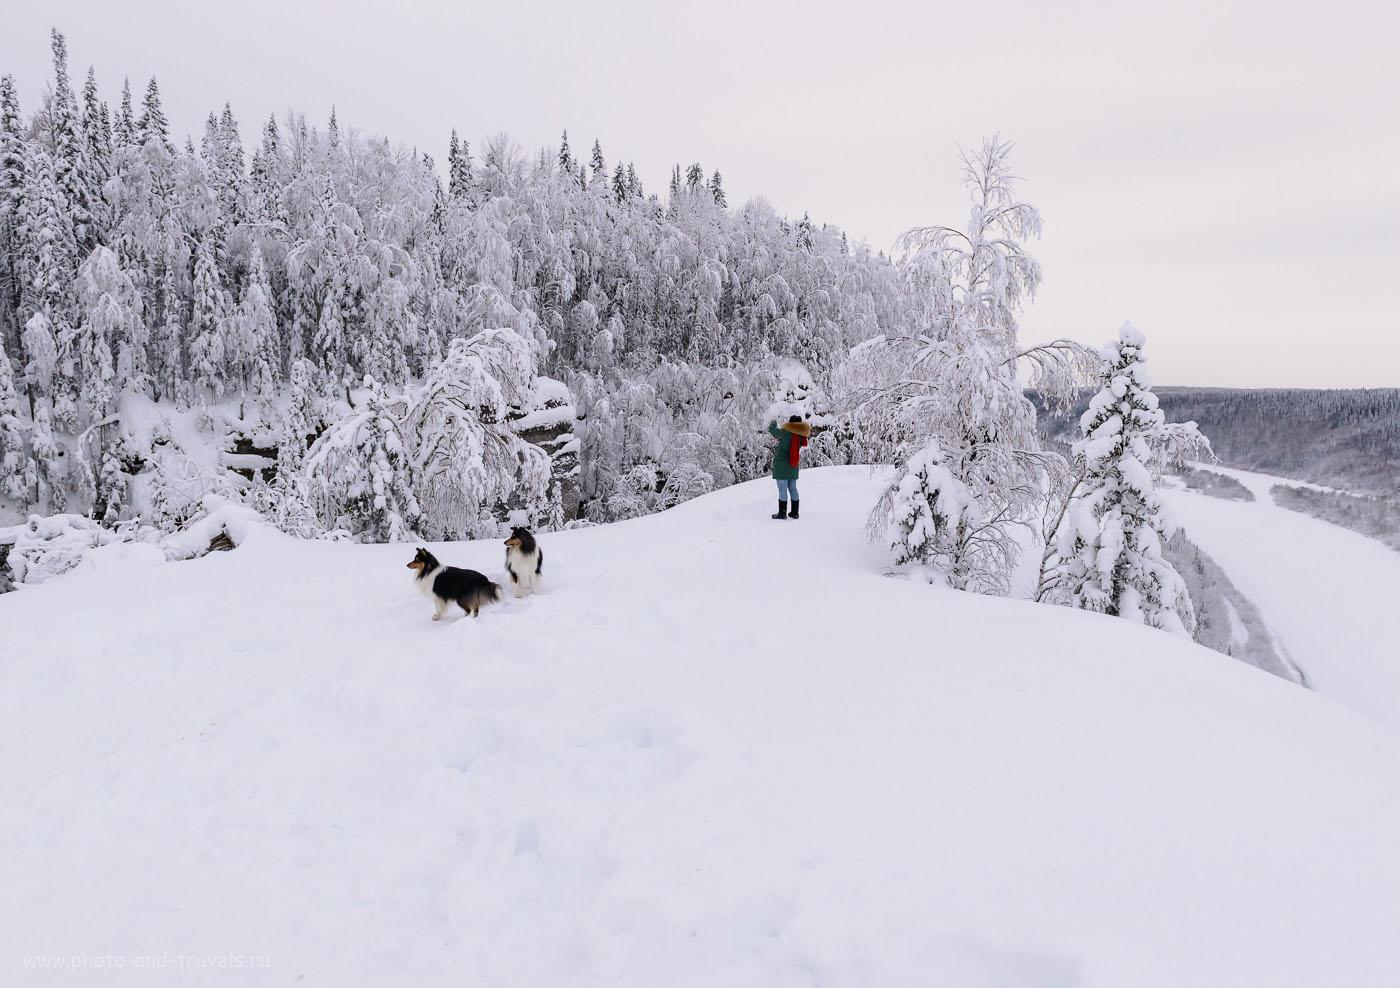 Фотография 24. Катя и собаки на вершине камня Ветлан. Отчет о походе выходного дня зимой. Путешествие по Пермскому краю на автомобиле. 1/500, 0.33, 8.0, 1000, 24.